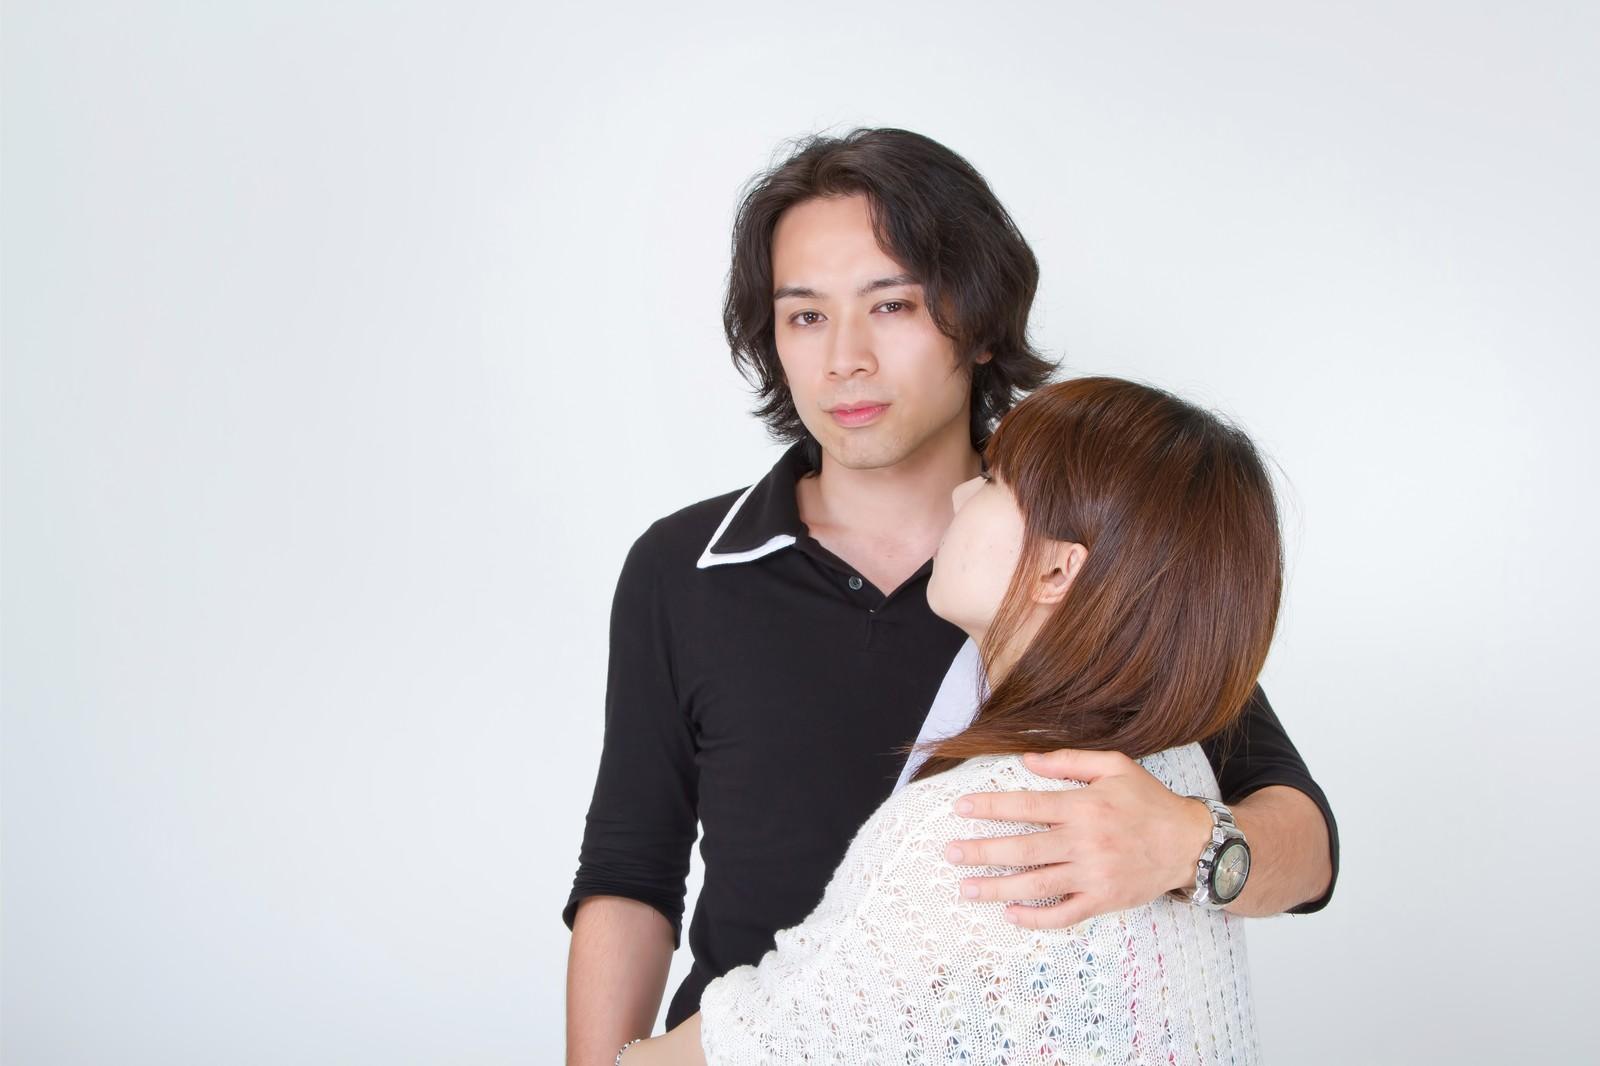 女性の肩に手を回し悪巧みしている顔の男性